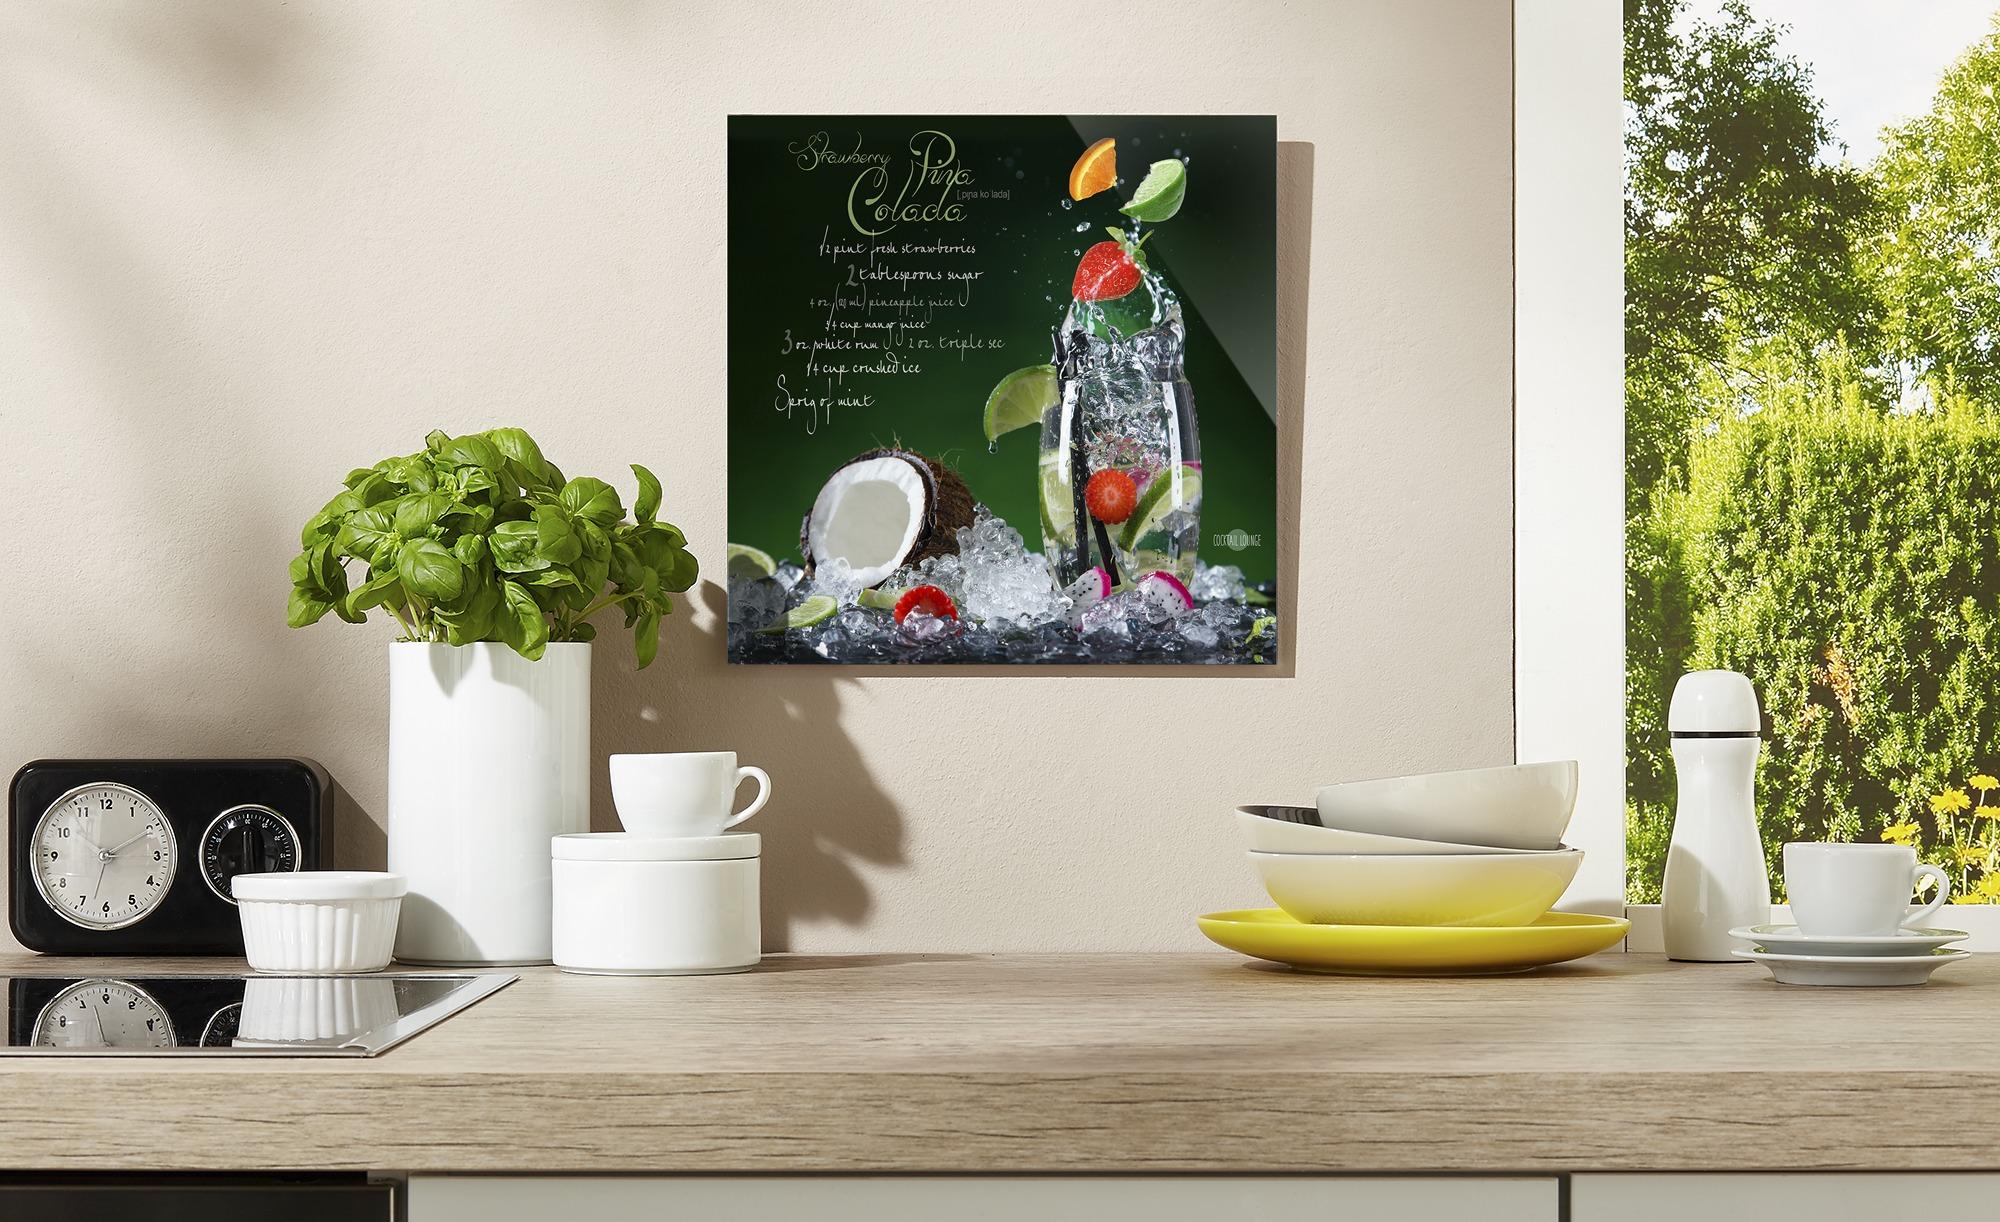 Glasbild   Pina Colada ¦ mehrfarbig ¦ Maße (cm): B: 20 H: 20 Dekoration > Bilder & Schilder - Höffner | Dekoration > Bilder und Rahmen > Bilder | Mehrfarbig | Glas | Möbel Höffner DE